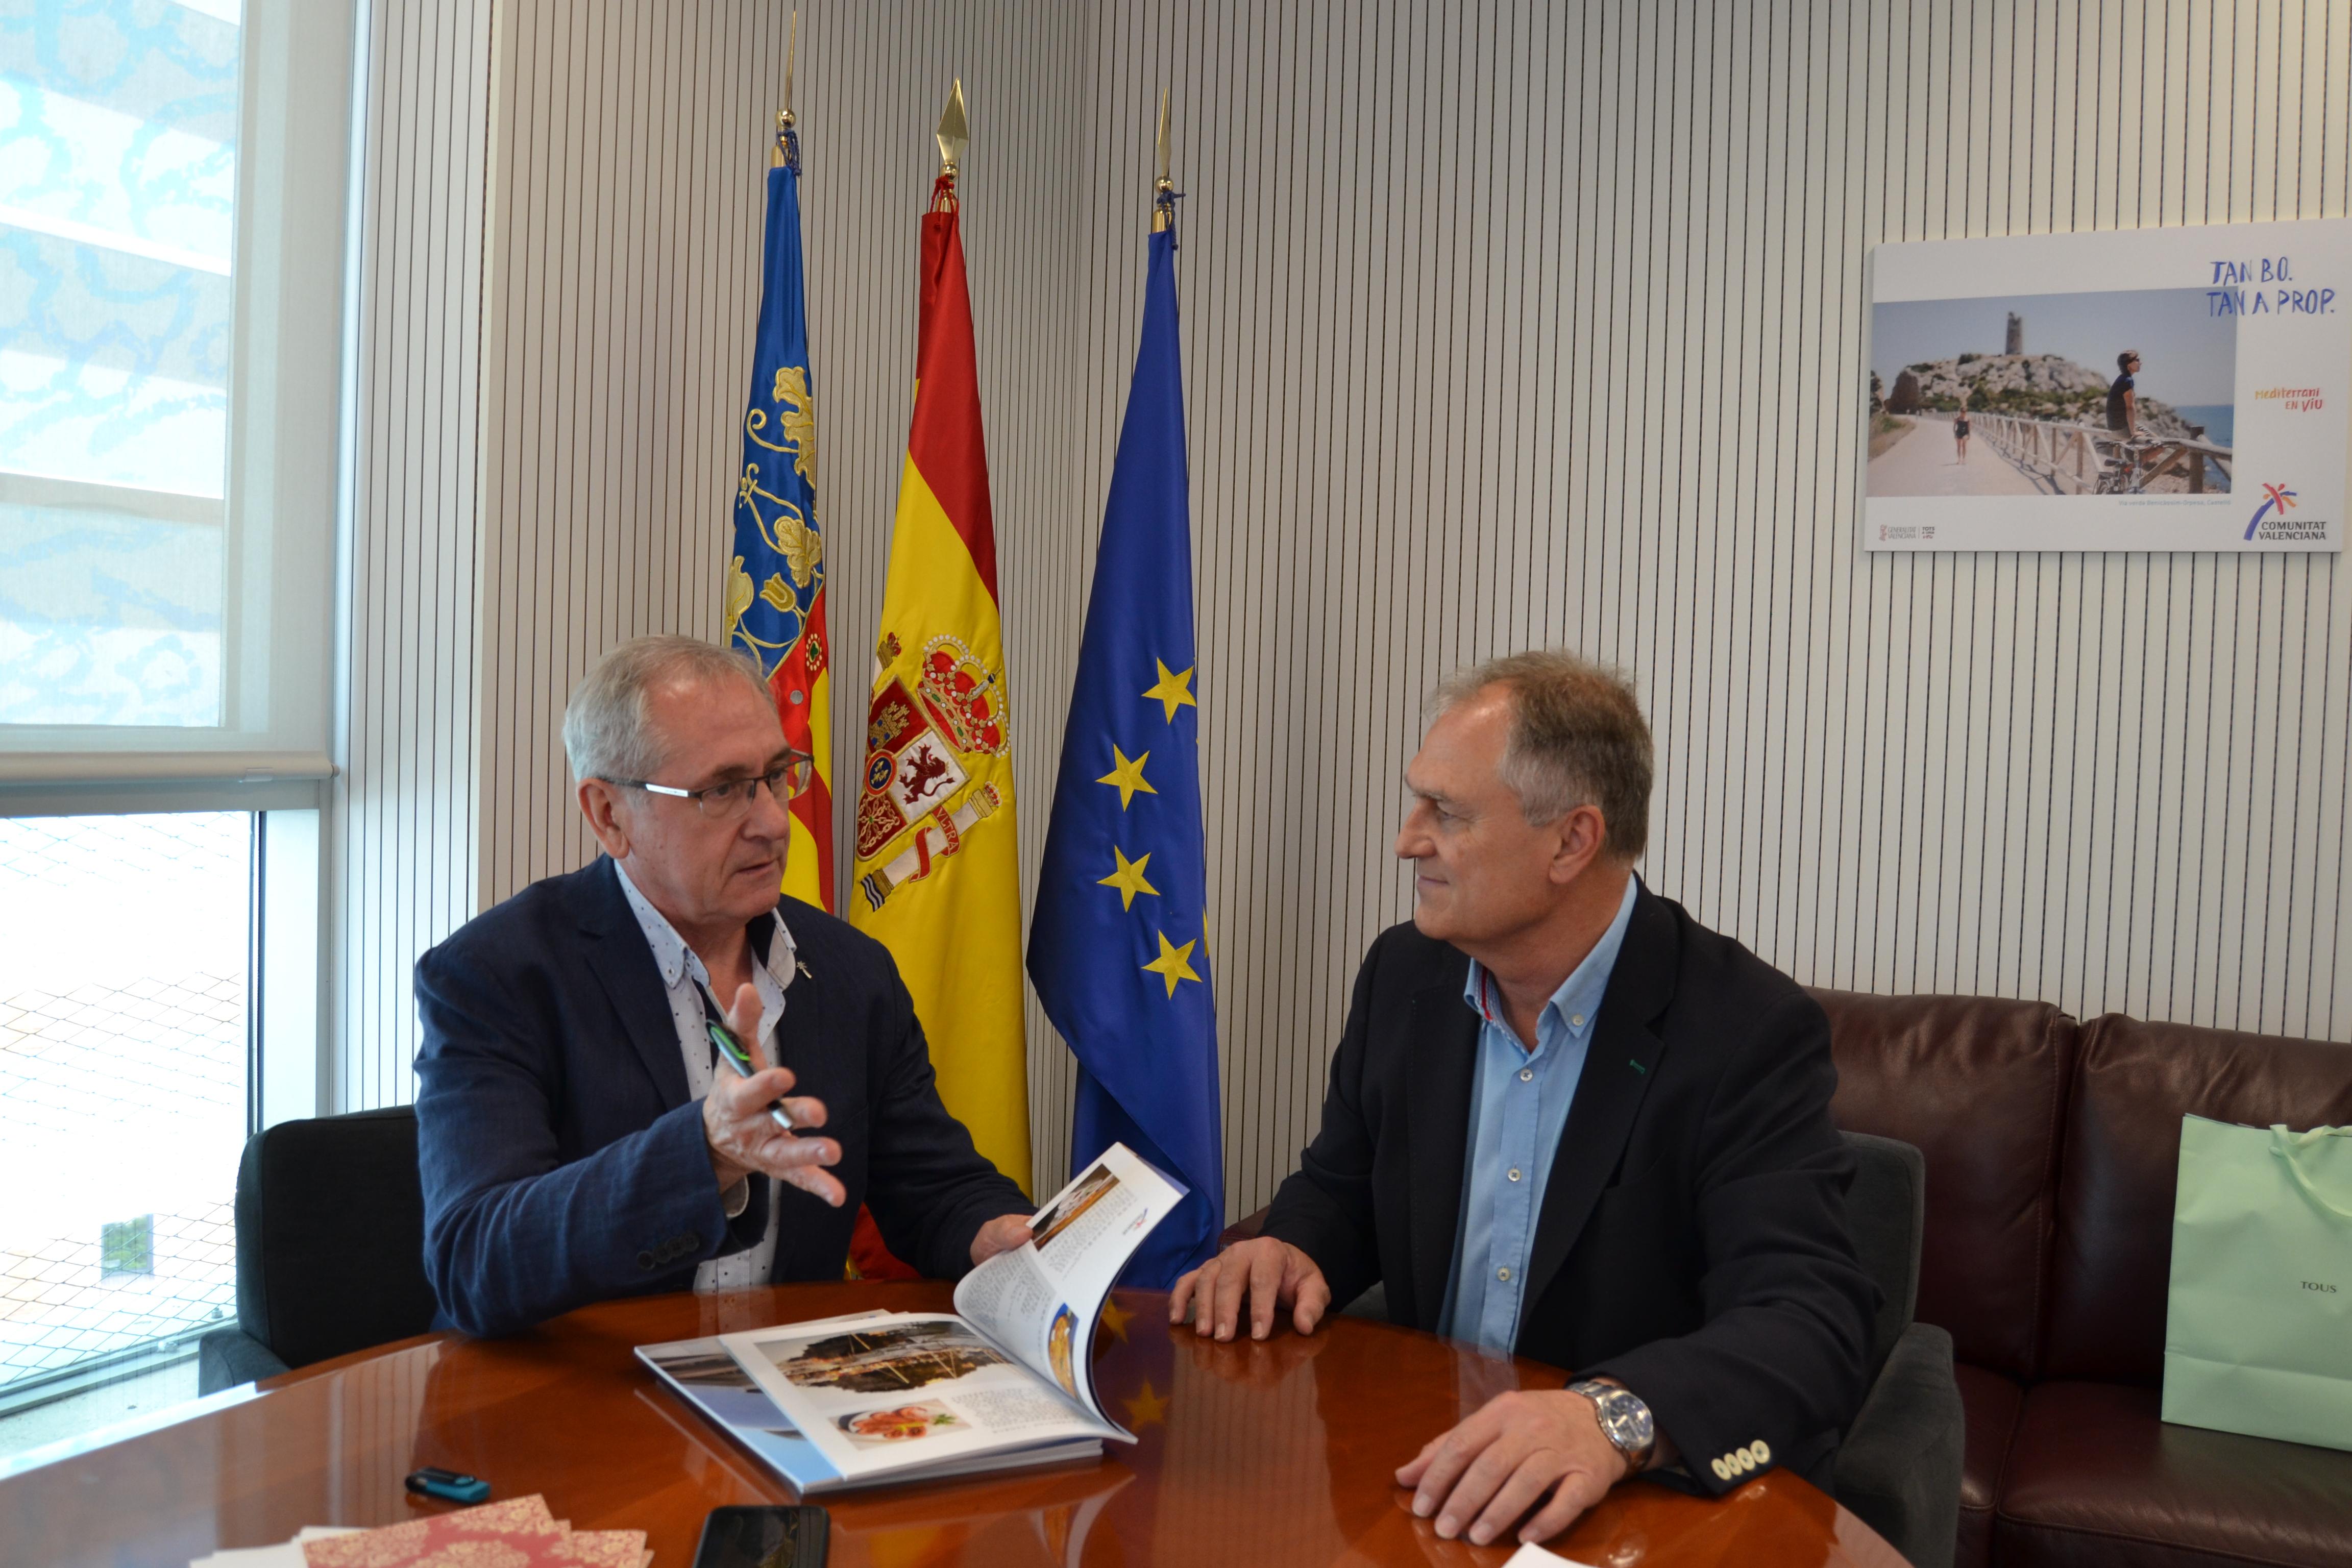 El diretor de Estrategia Territorial Turística de la AVT, Josep Gisbert, y el alcalde de Lliria, Manuel Civera.